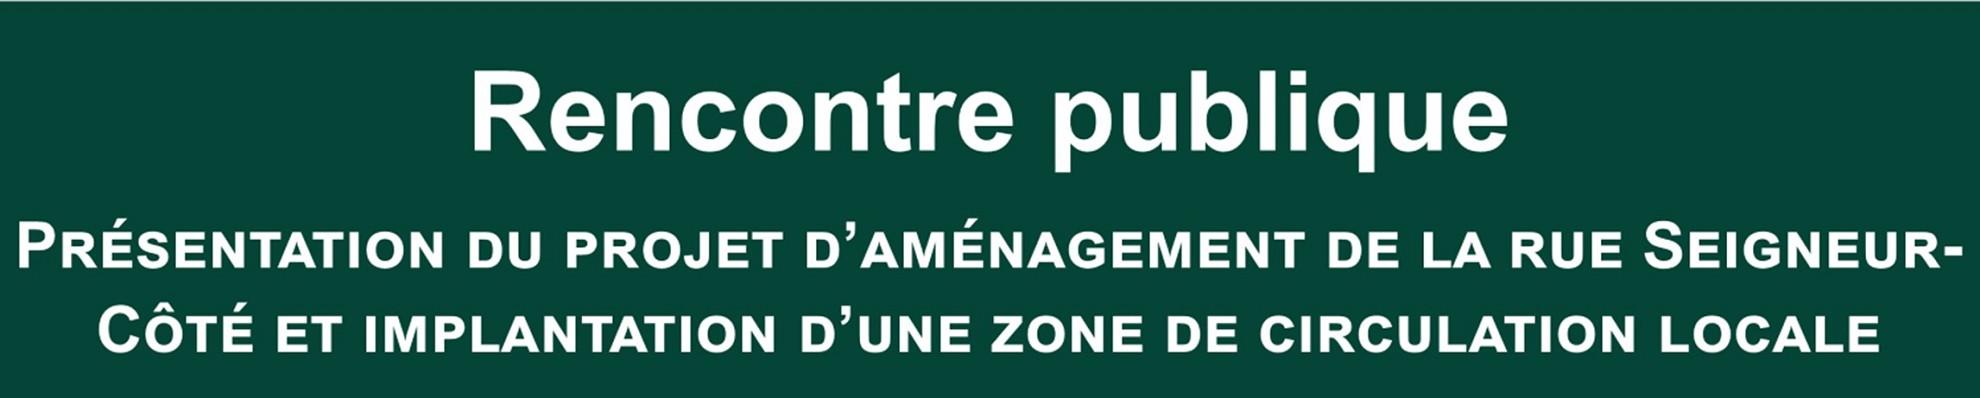 Rencontre publique - bannière